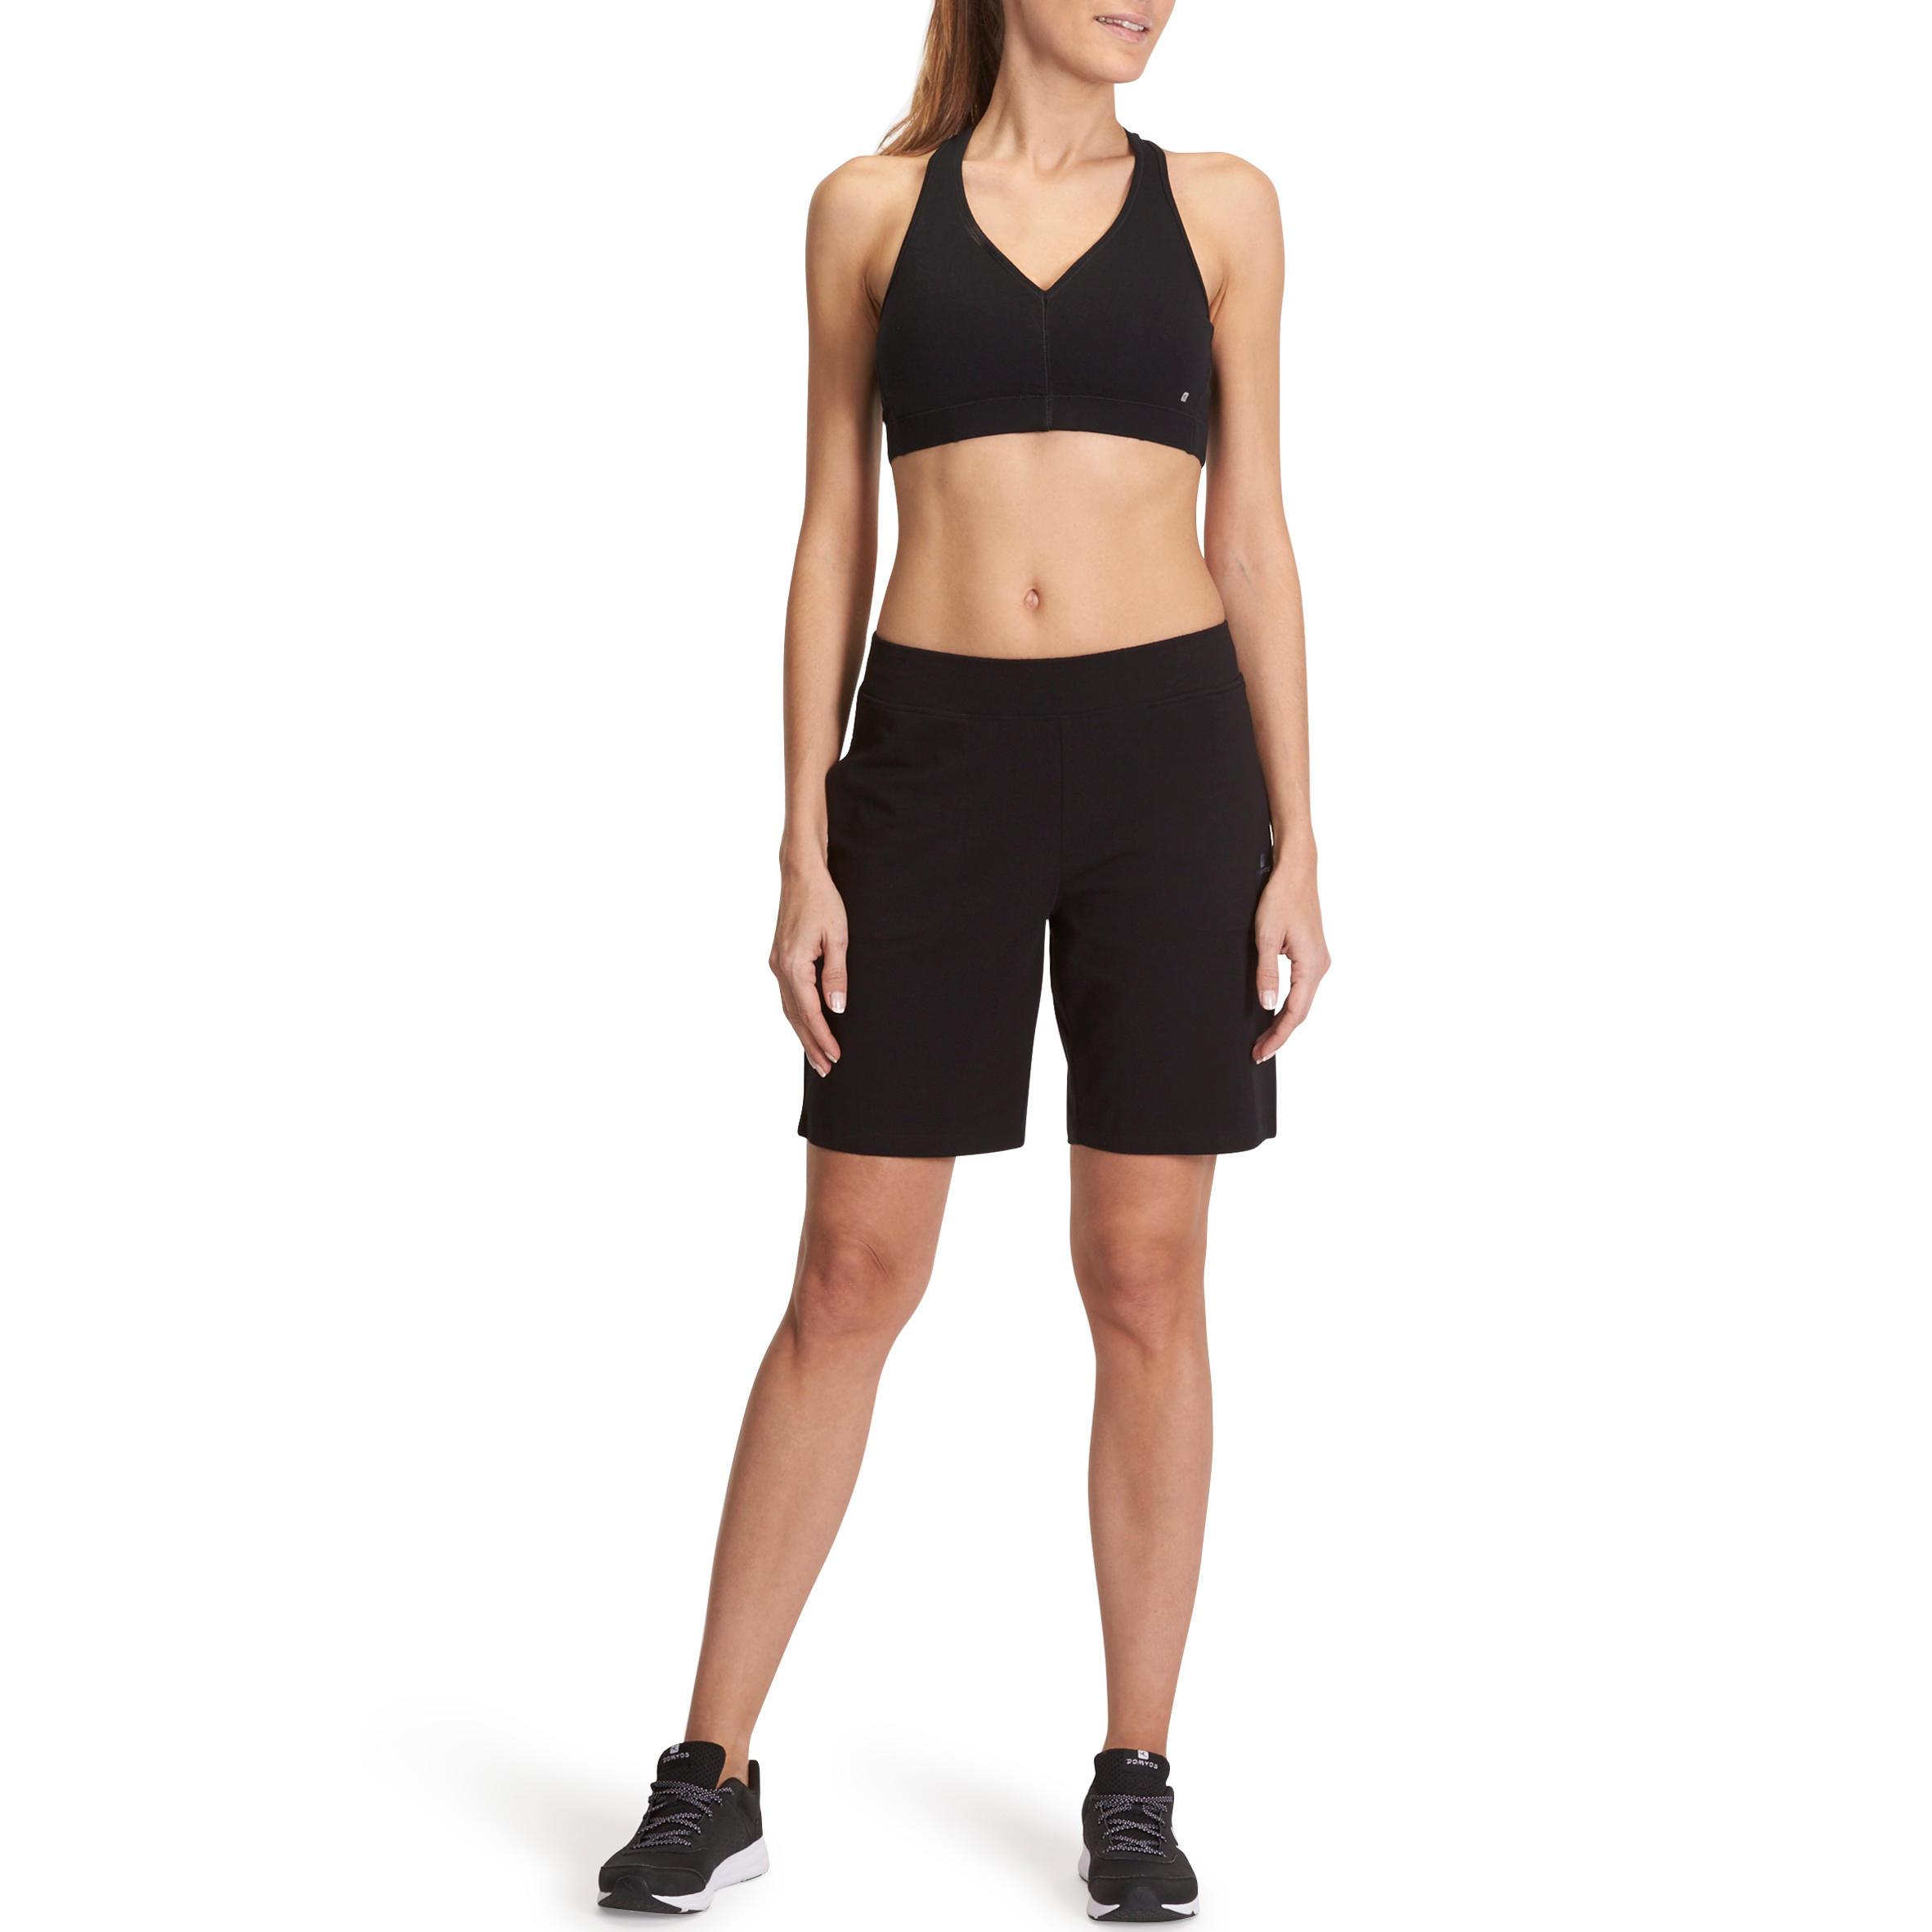 diseño superior tienda oficial última venta Short FIT+ 500 regular gimnasia y pilates mujer negro